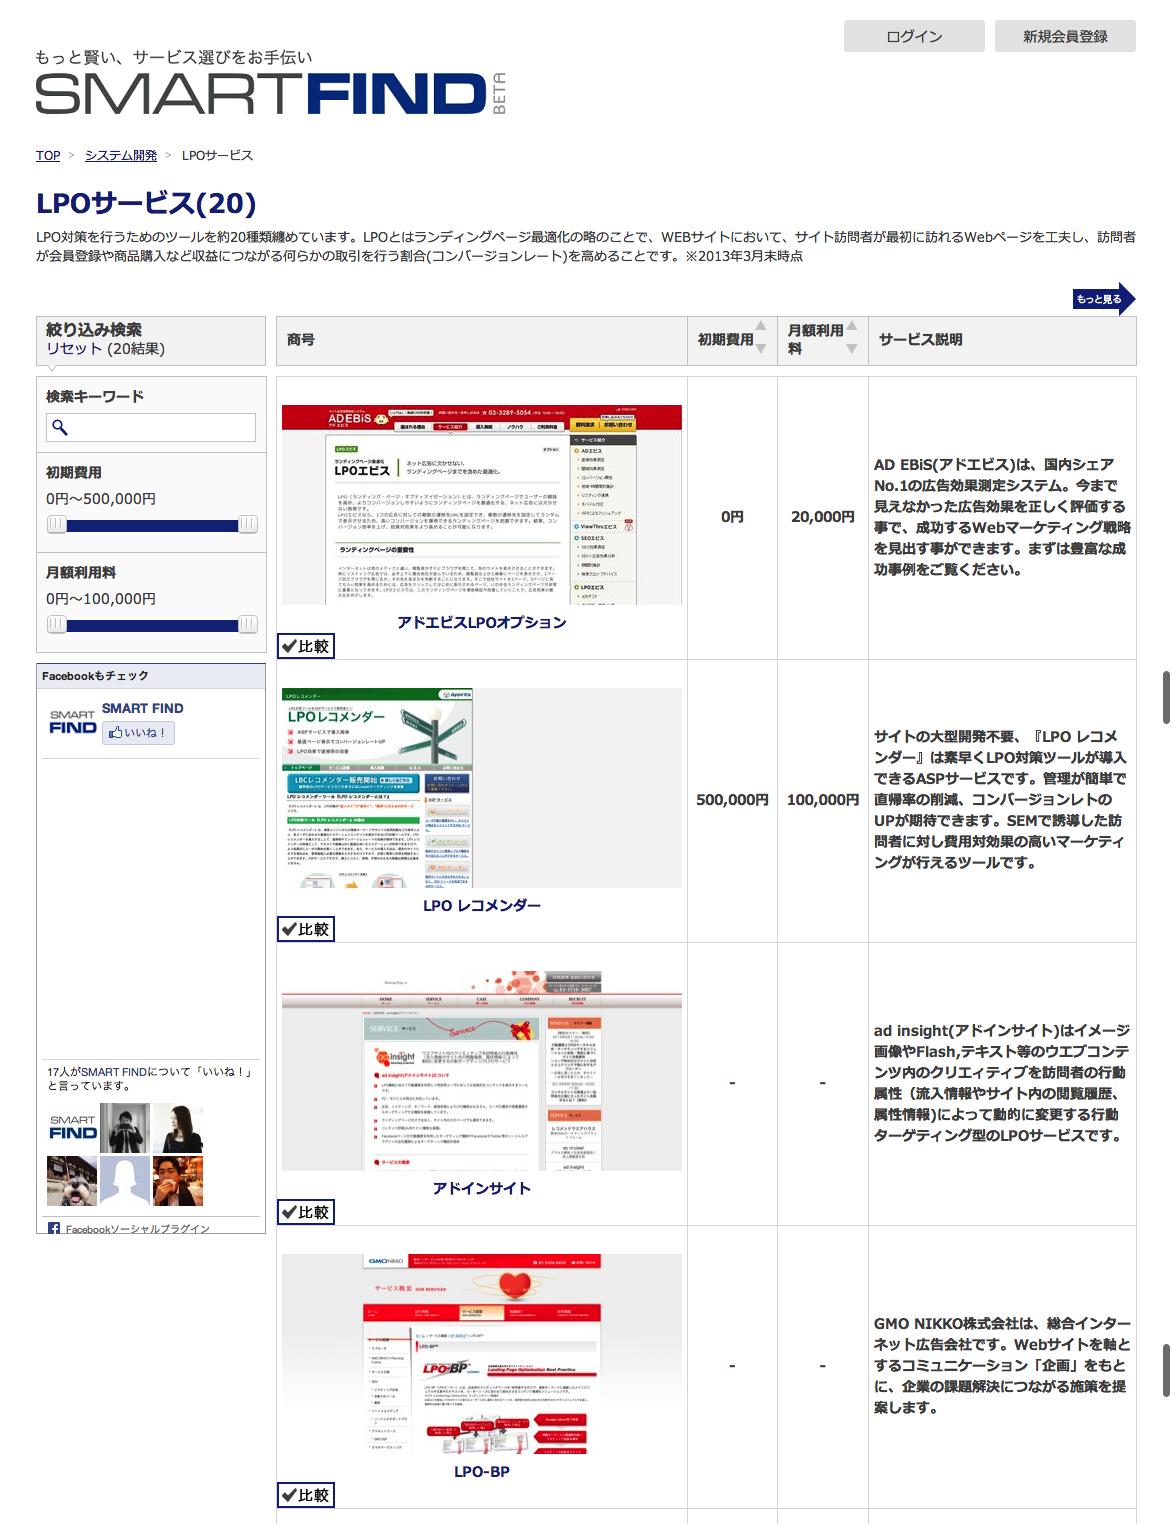 LPOサービスを徹底比較・まとめ|コンペもできるSMART FIND